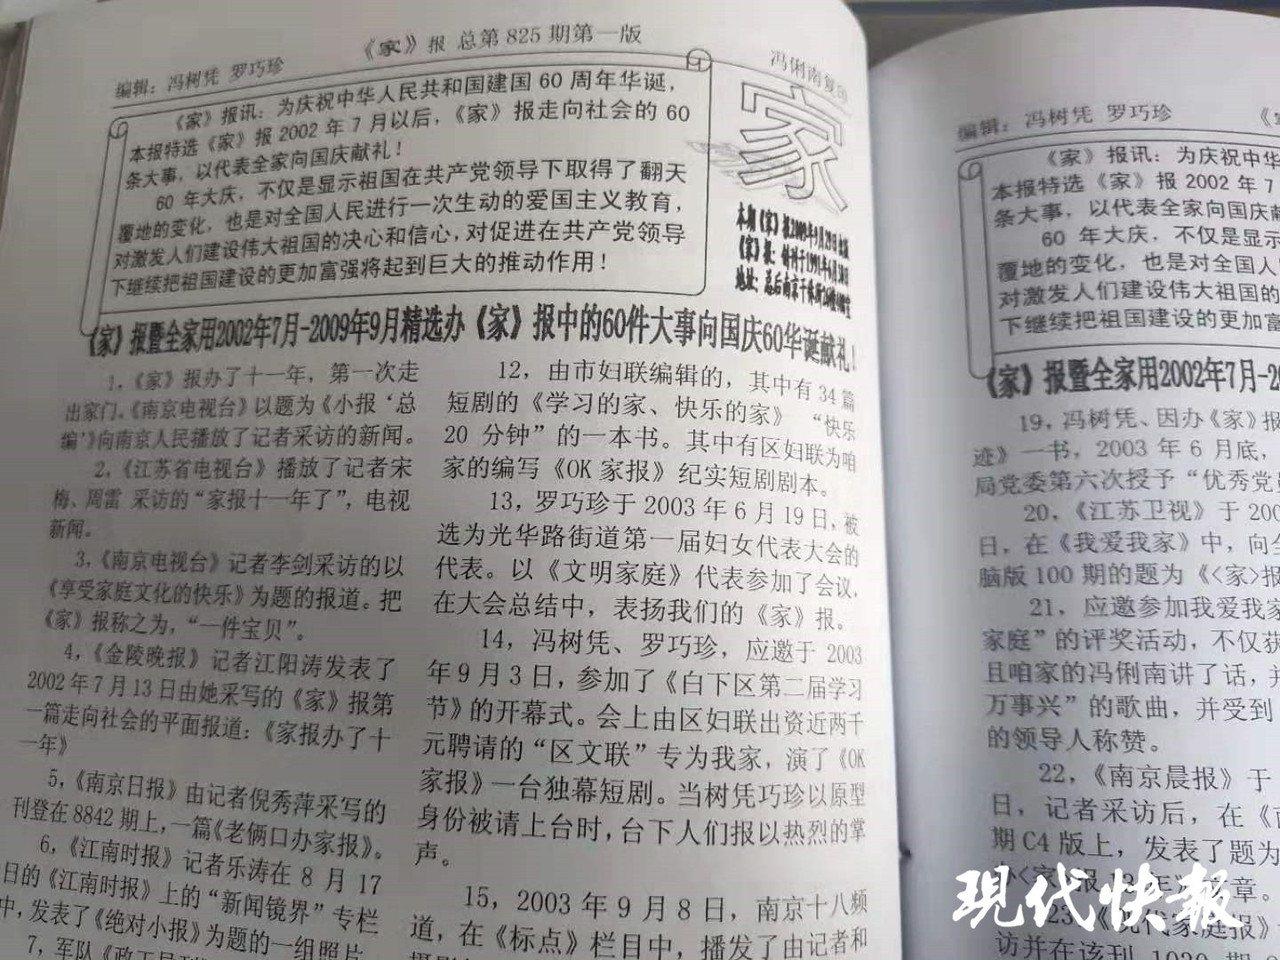 刊登在家報上的內容事無巨細,大到國家大事、南京長江大橋重新通車。圖翻攝自現代快報